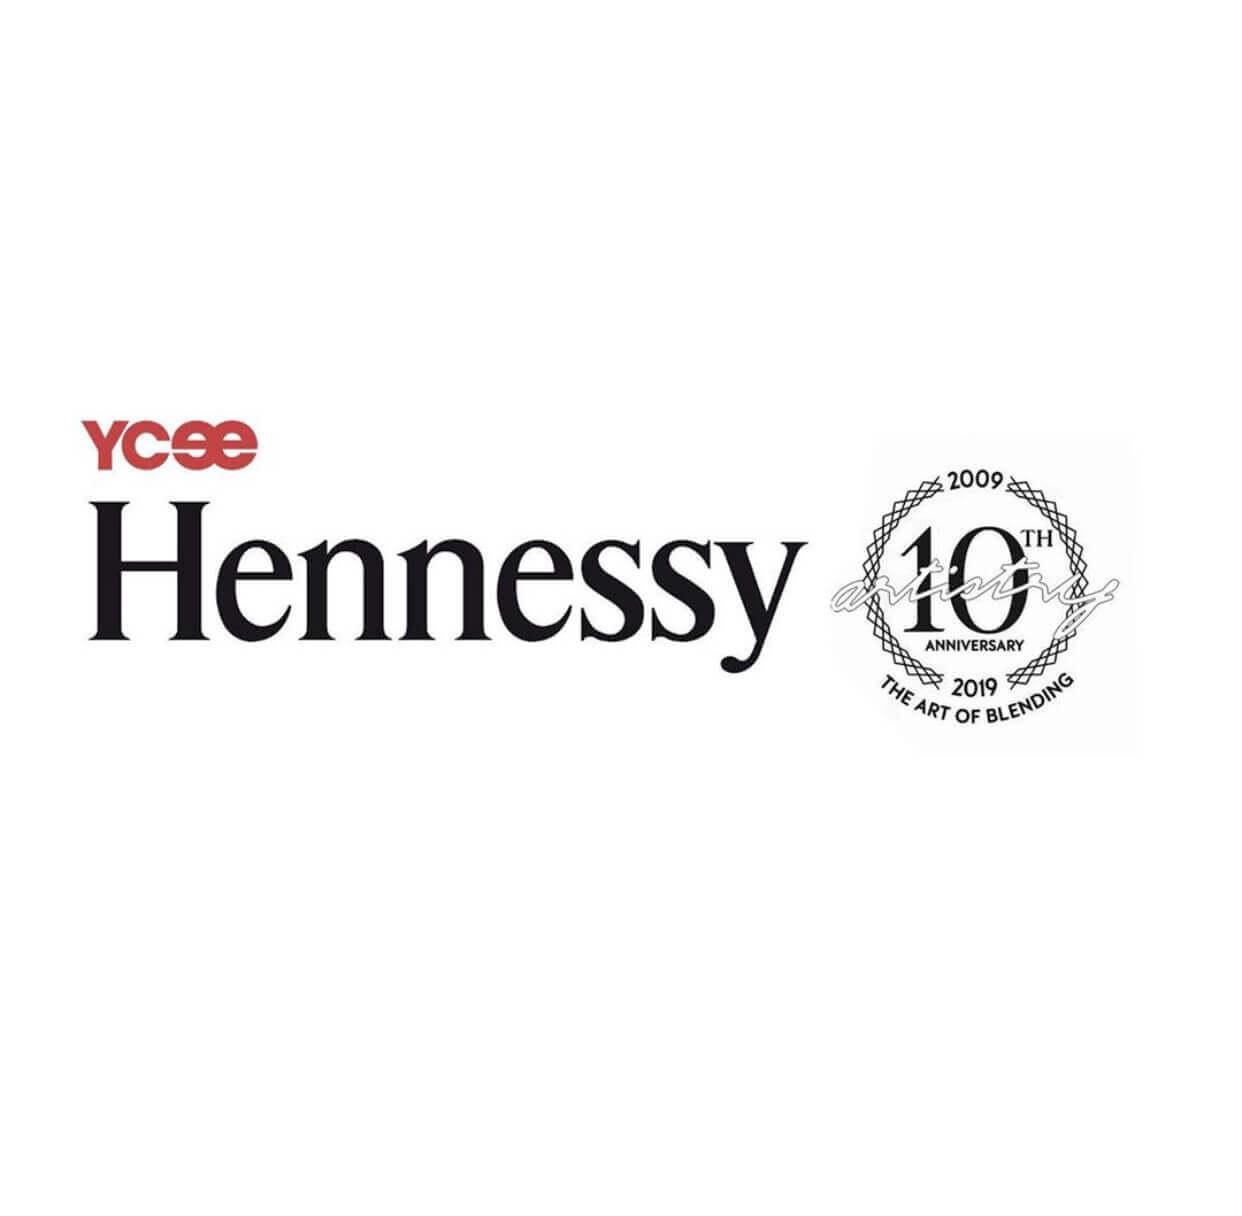 Ycee - Hennessy 10